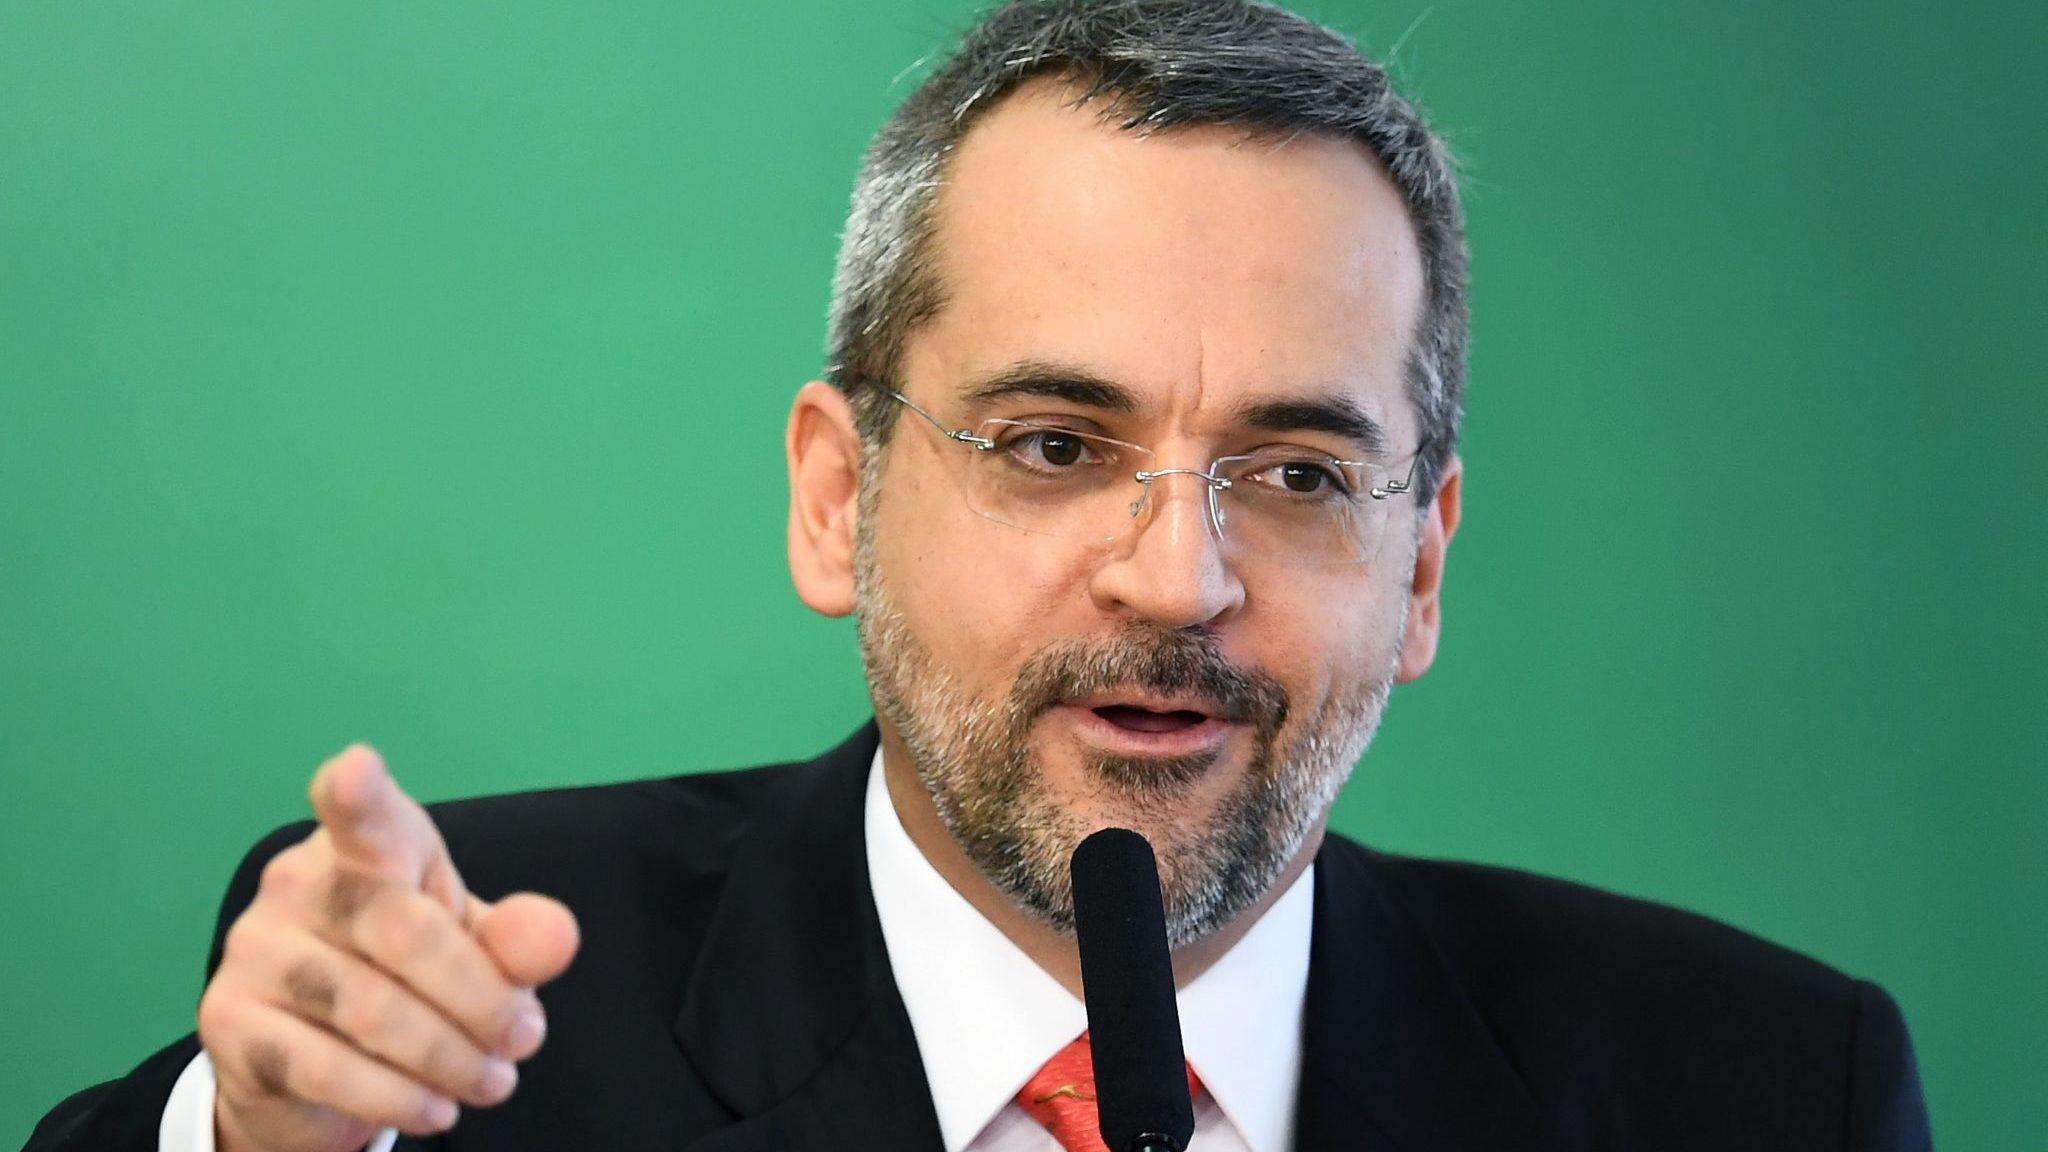 O Ministro da Educação  Abraham Weintraub. Foto: Evaristo Sa/AFP